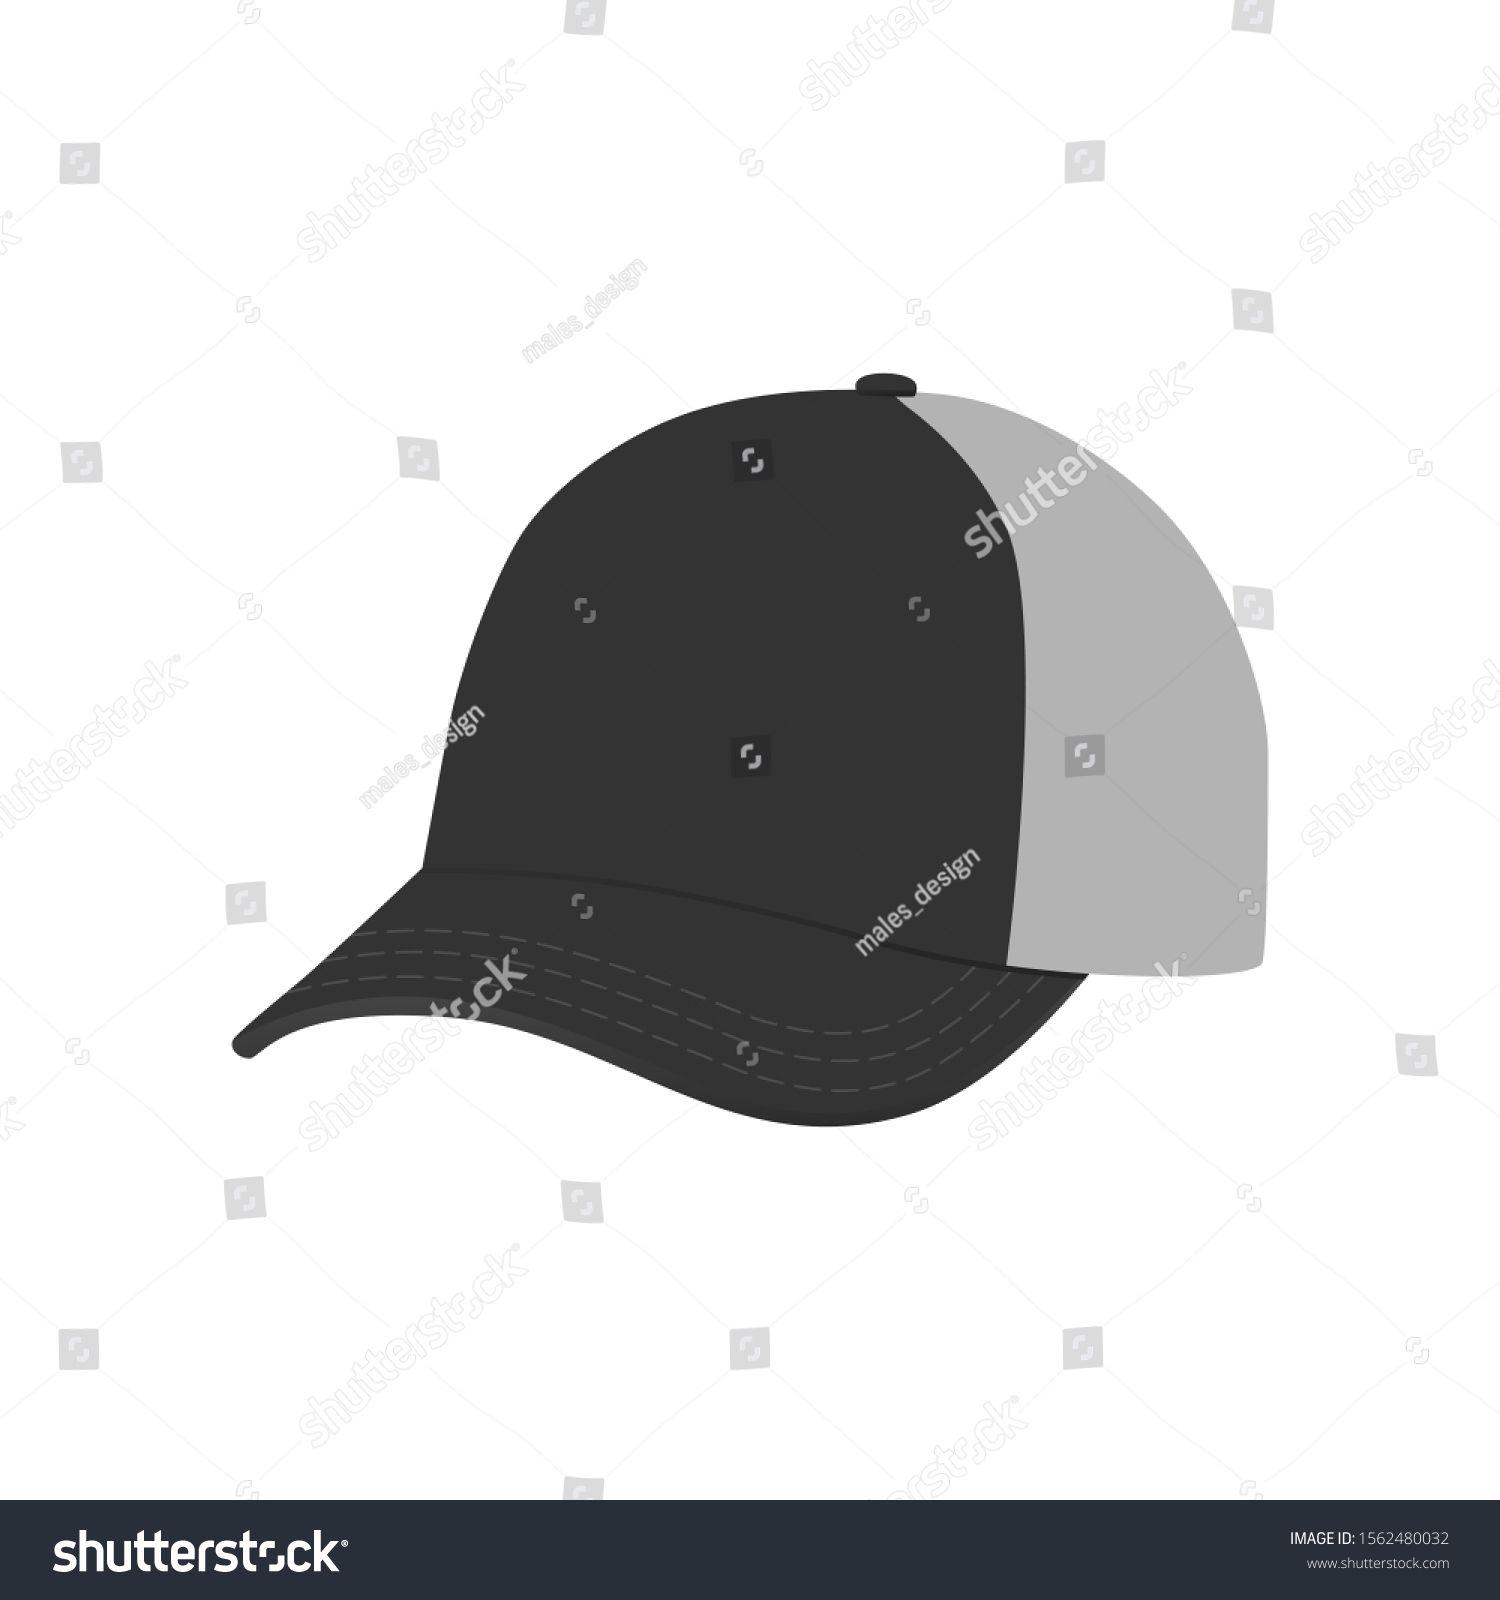 Vector Black Baseball Cap Empty Hat Mockup Headwear Caps In Back Sponsored Sponsored Baseball Cap Vector Black In 2020 With Images Black Baseball Cap Headwear Hats